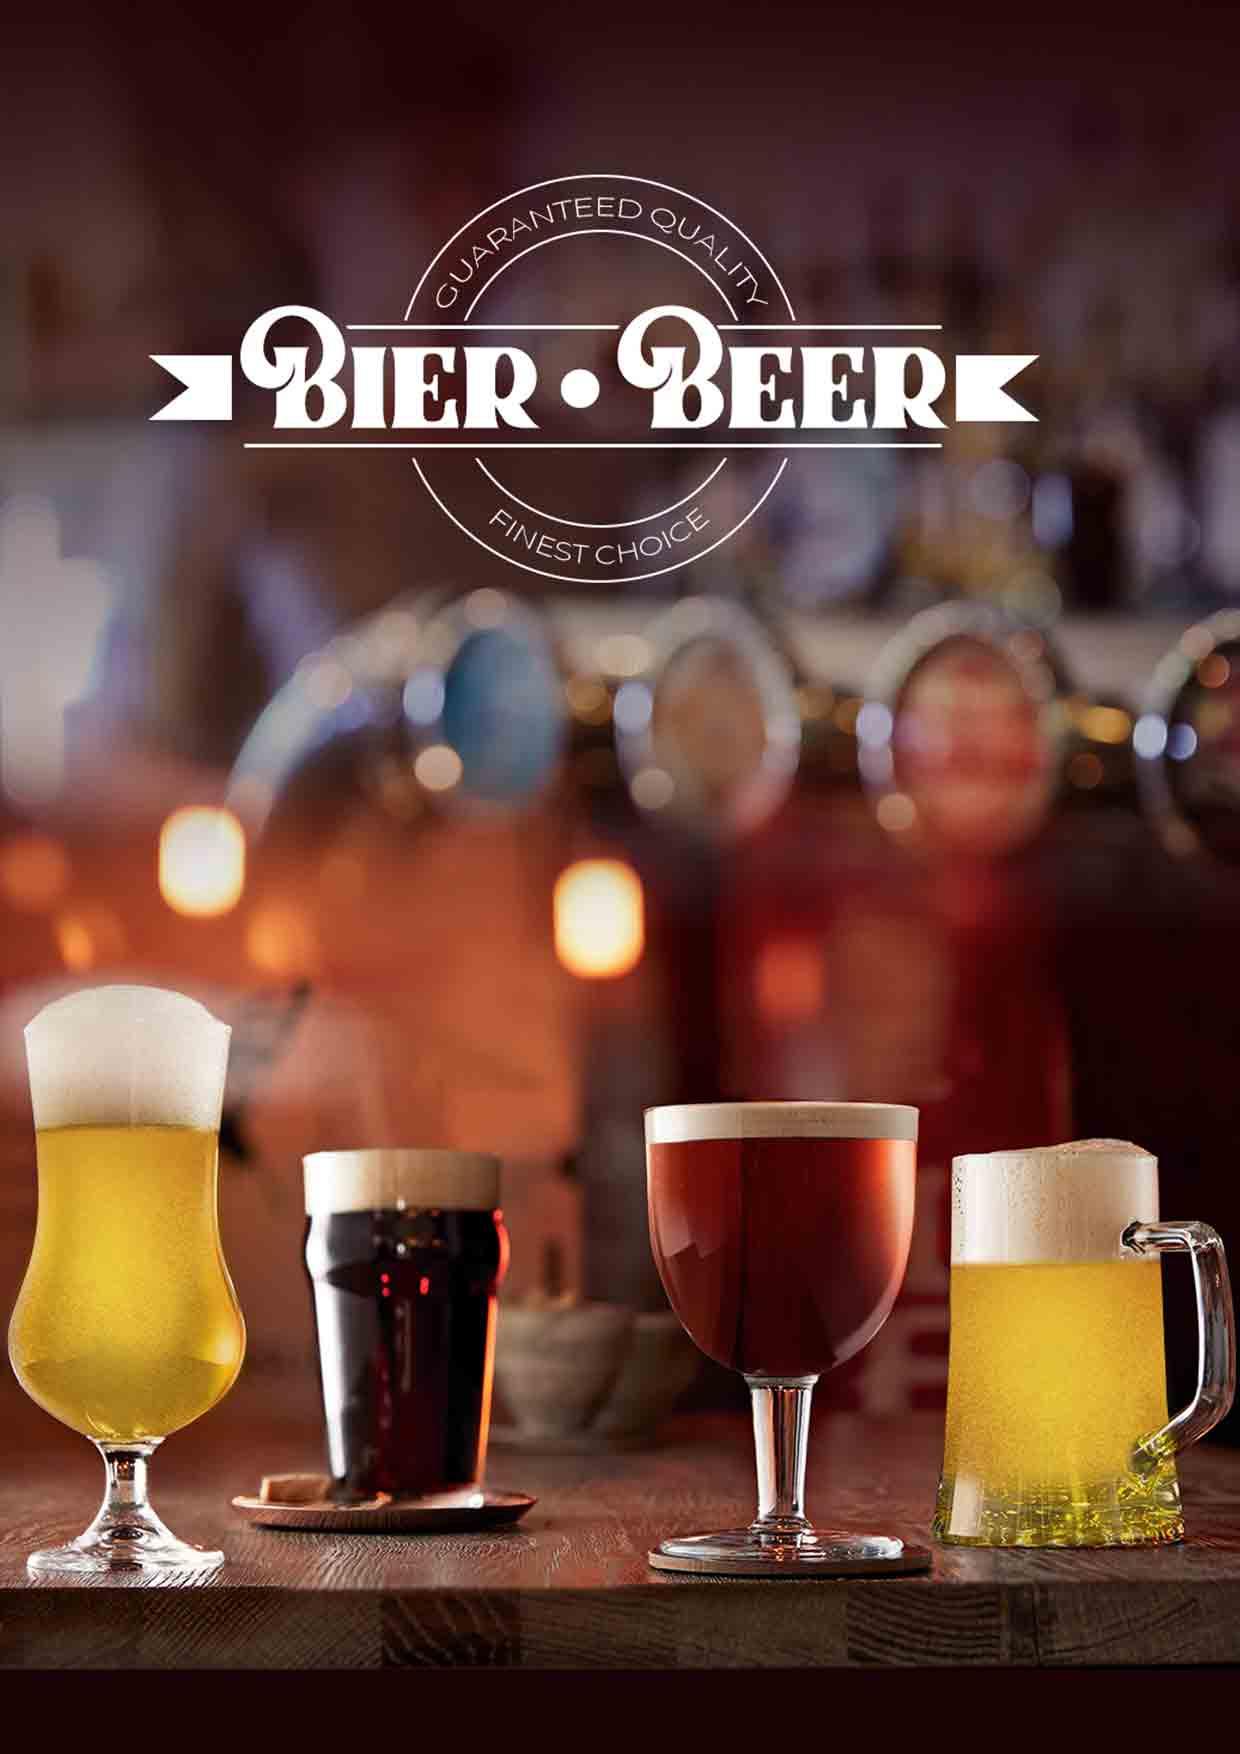 Bierglas, Biergläser, bedruckte Biergläser